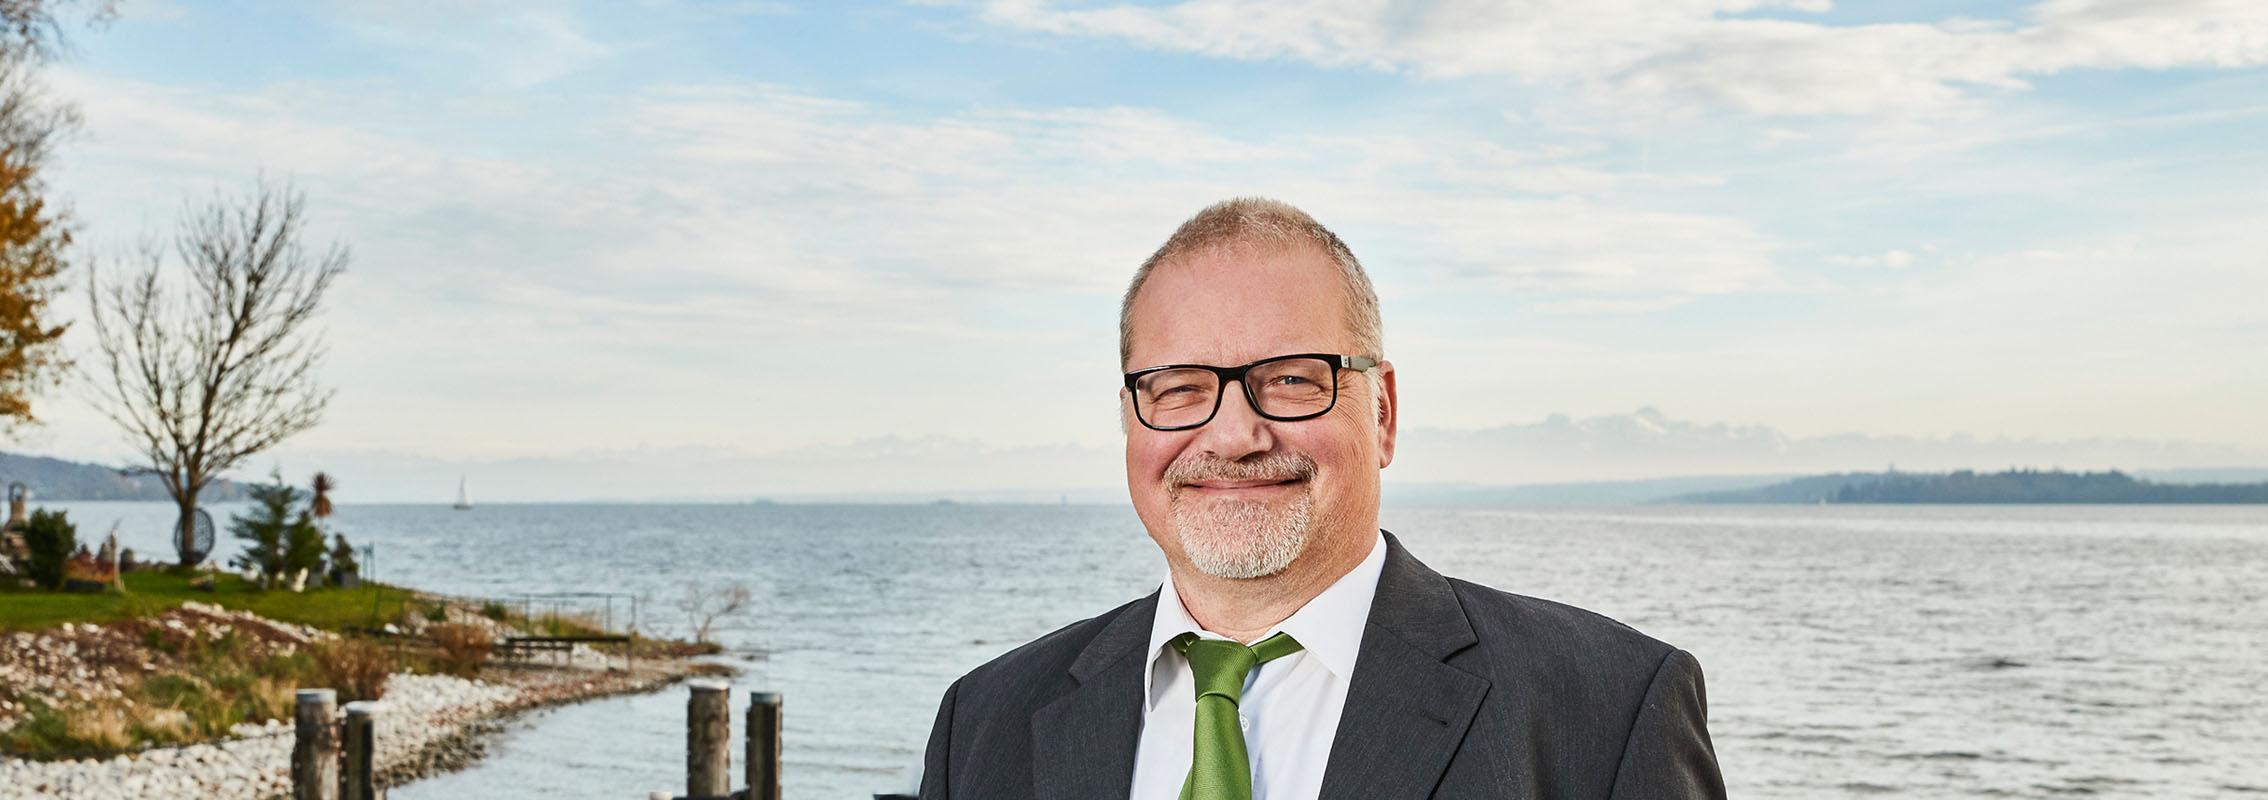 Wolfgang Gerstenhauer, Geschäftsführer von FROG KING